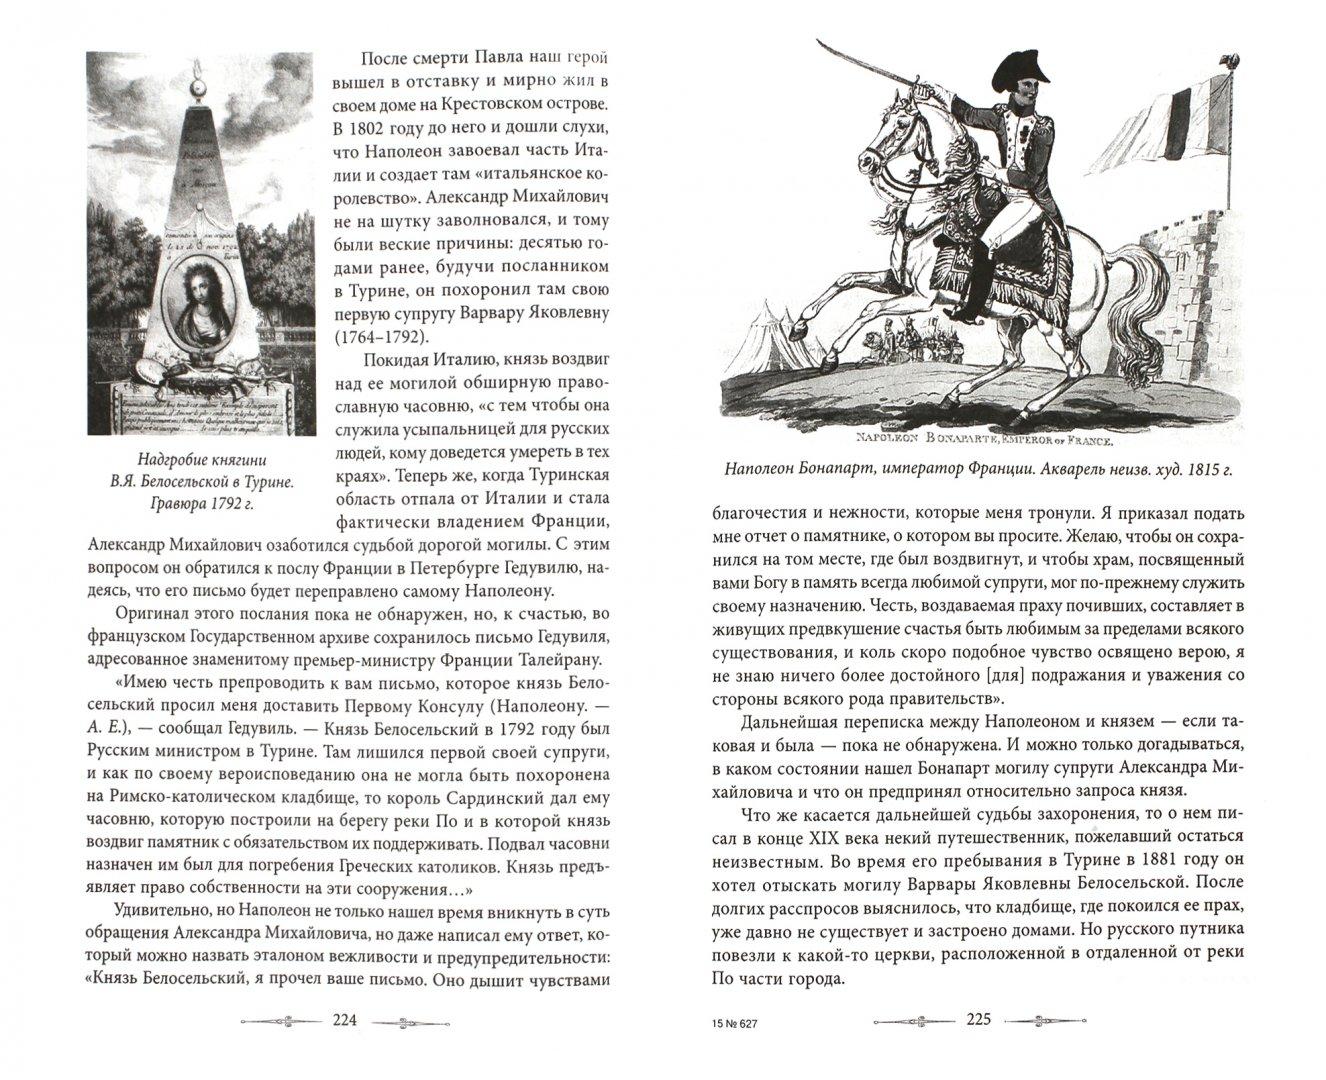 Иллюстрация 1 из 7 для Тайны прошлого. Занимательные очерки петербургского историка. От Петра I до наших дней - Андрей Епатко   Лабиринт - книги. Источник: Лабиринт